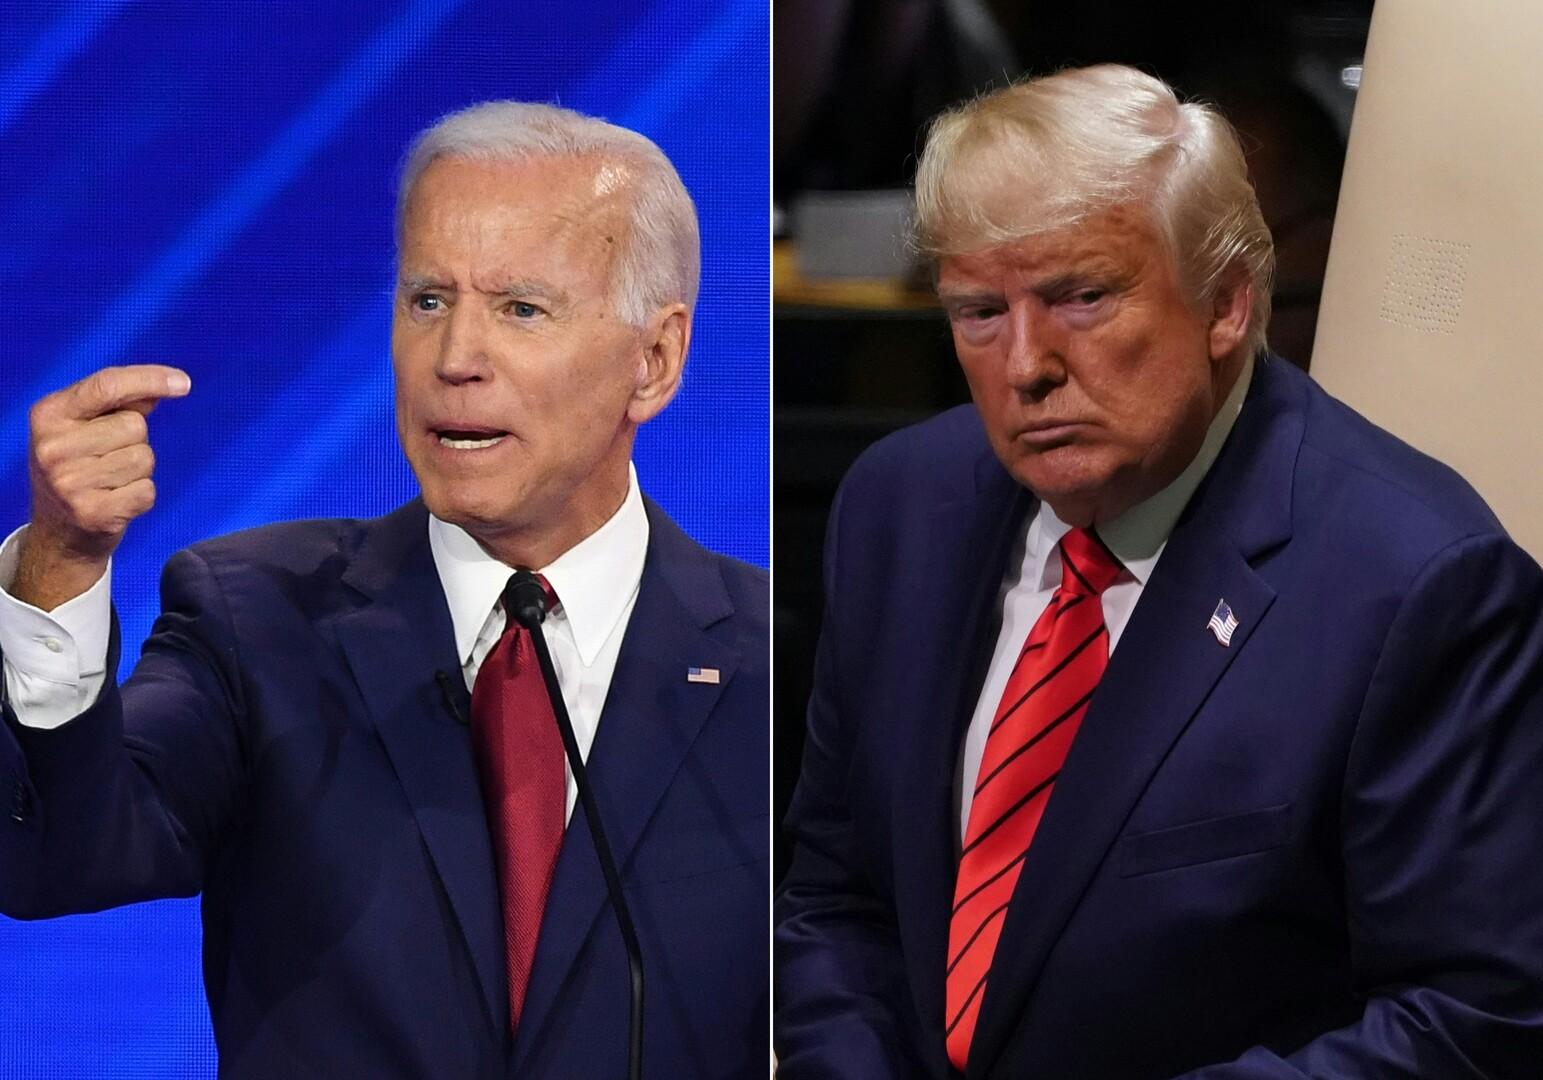 بايدن عن ترامب: هذا الرئيس لا يعلم من هم الأمريكيون